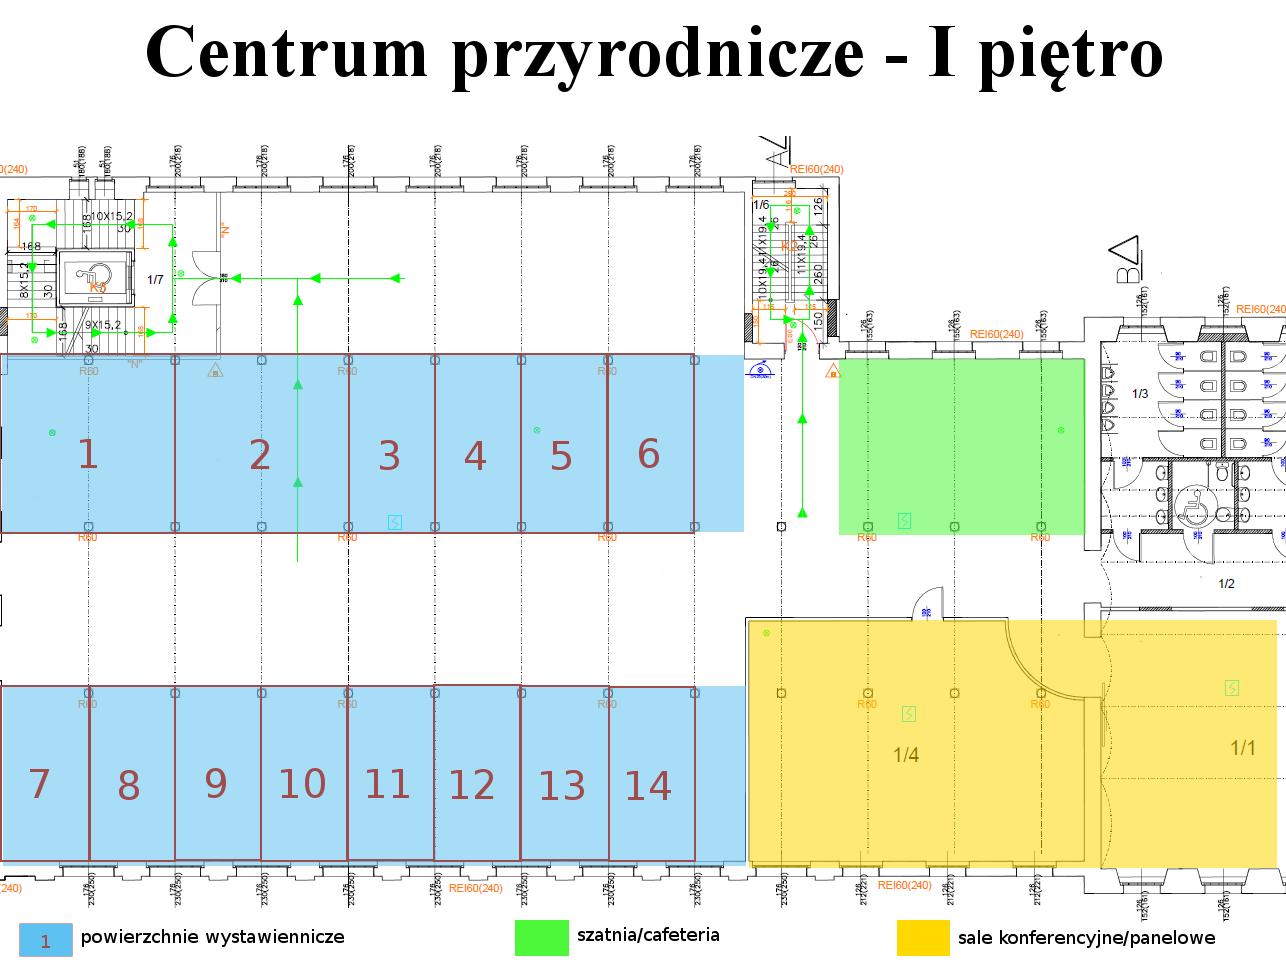 Schemat: Centrum przyrodnicze - I piętro